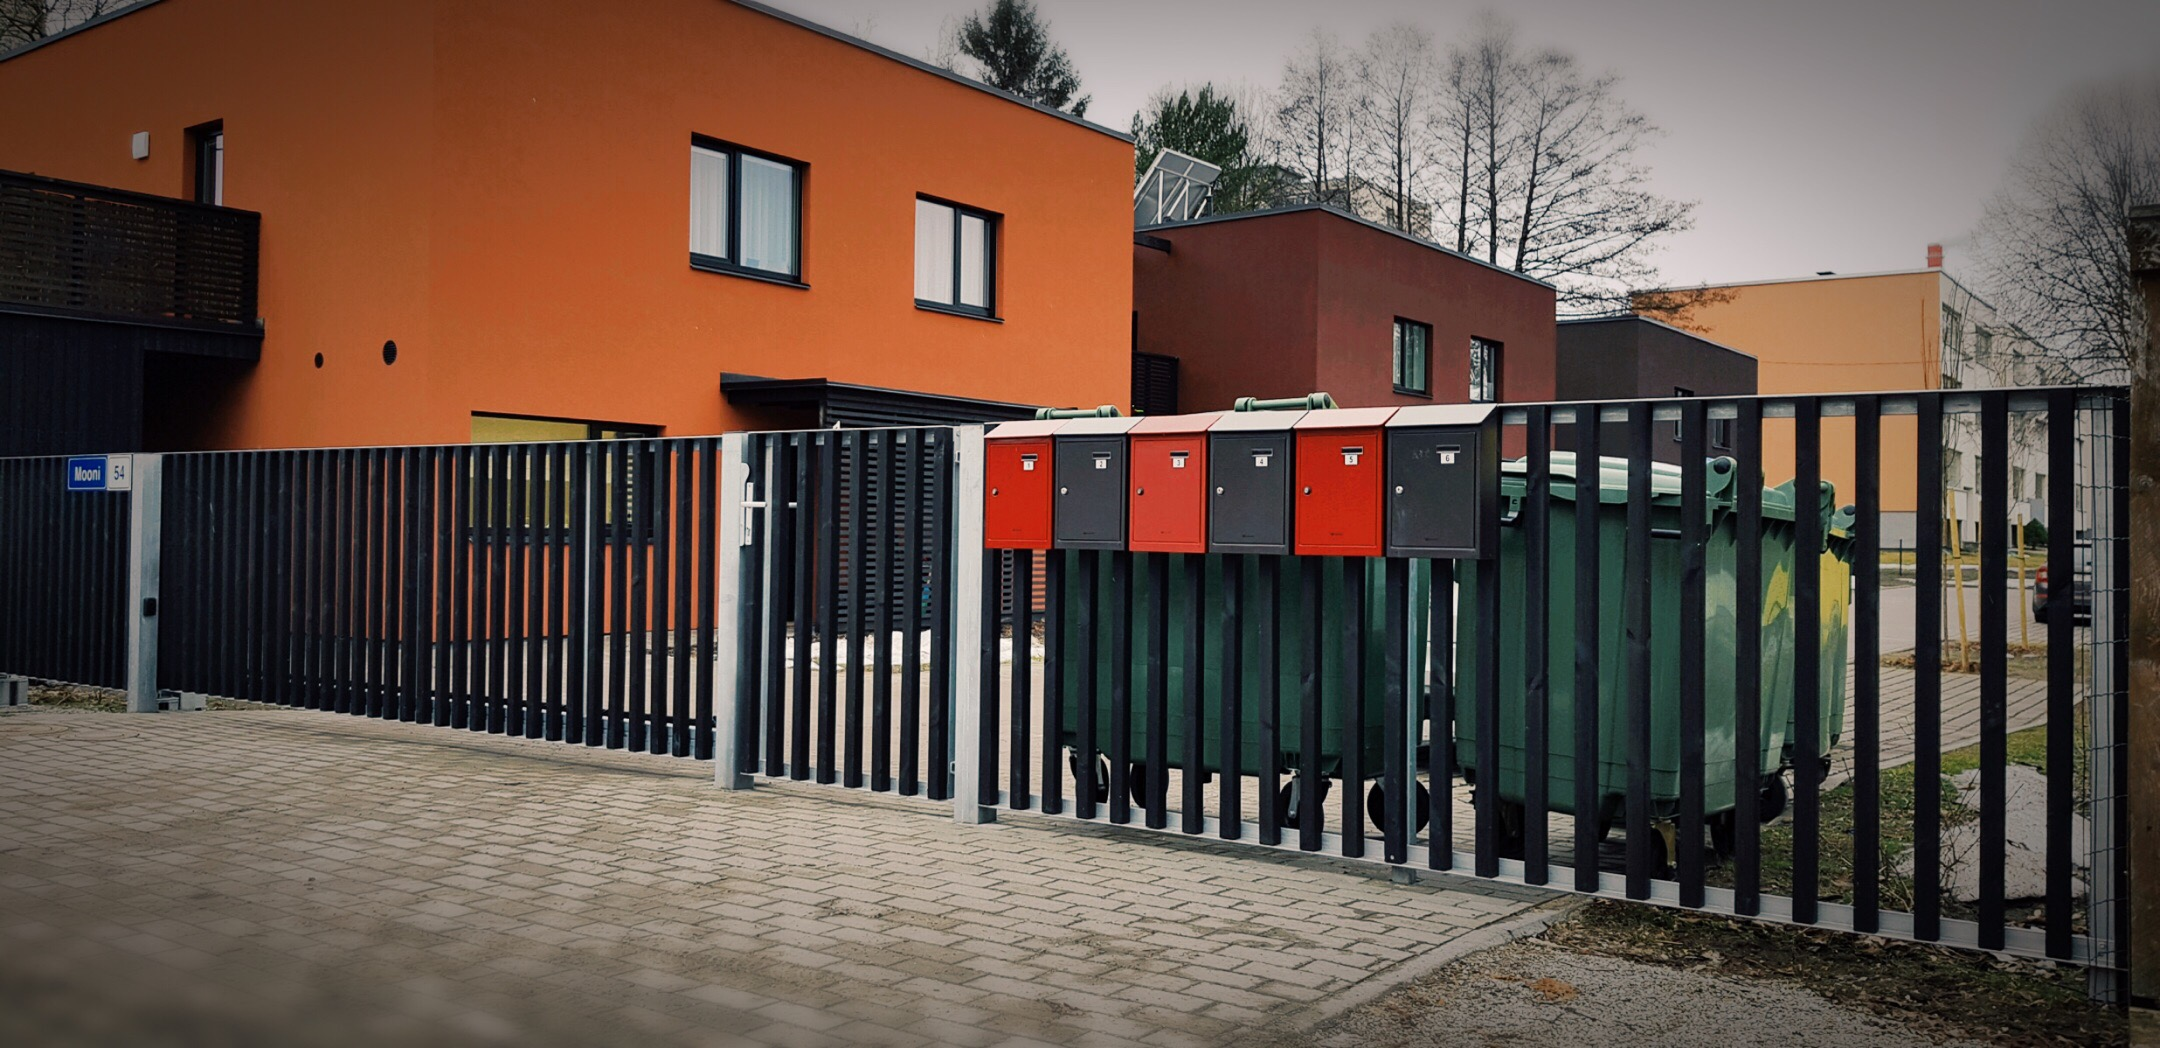 Puitaed, liugvärav, sommer väravaautomaatika